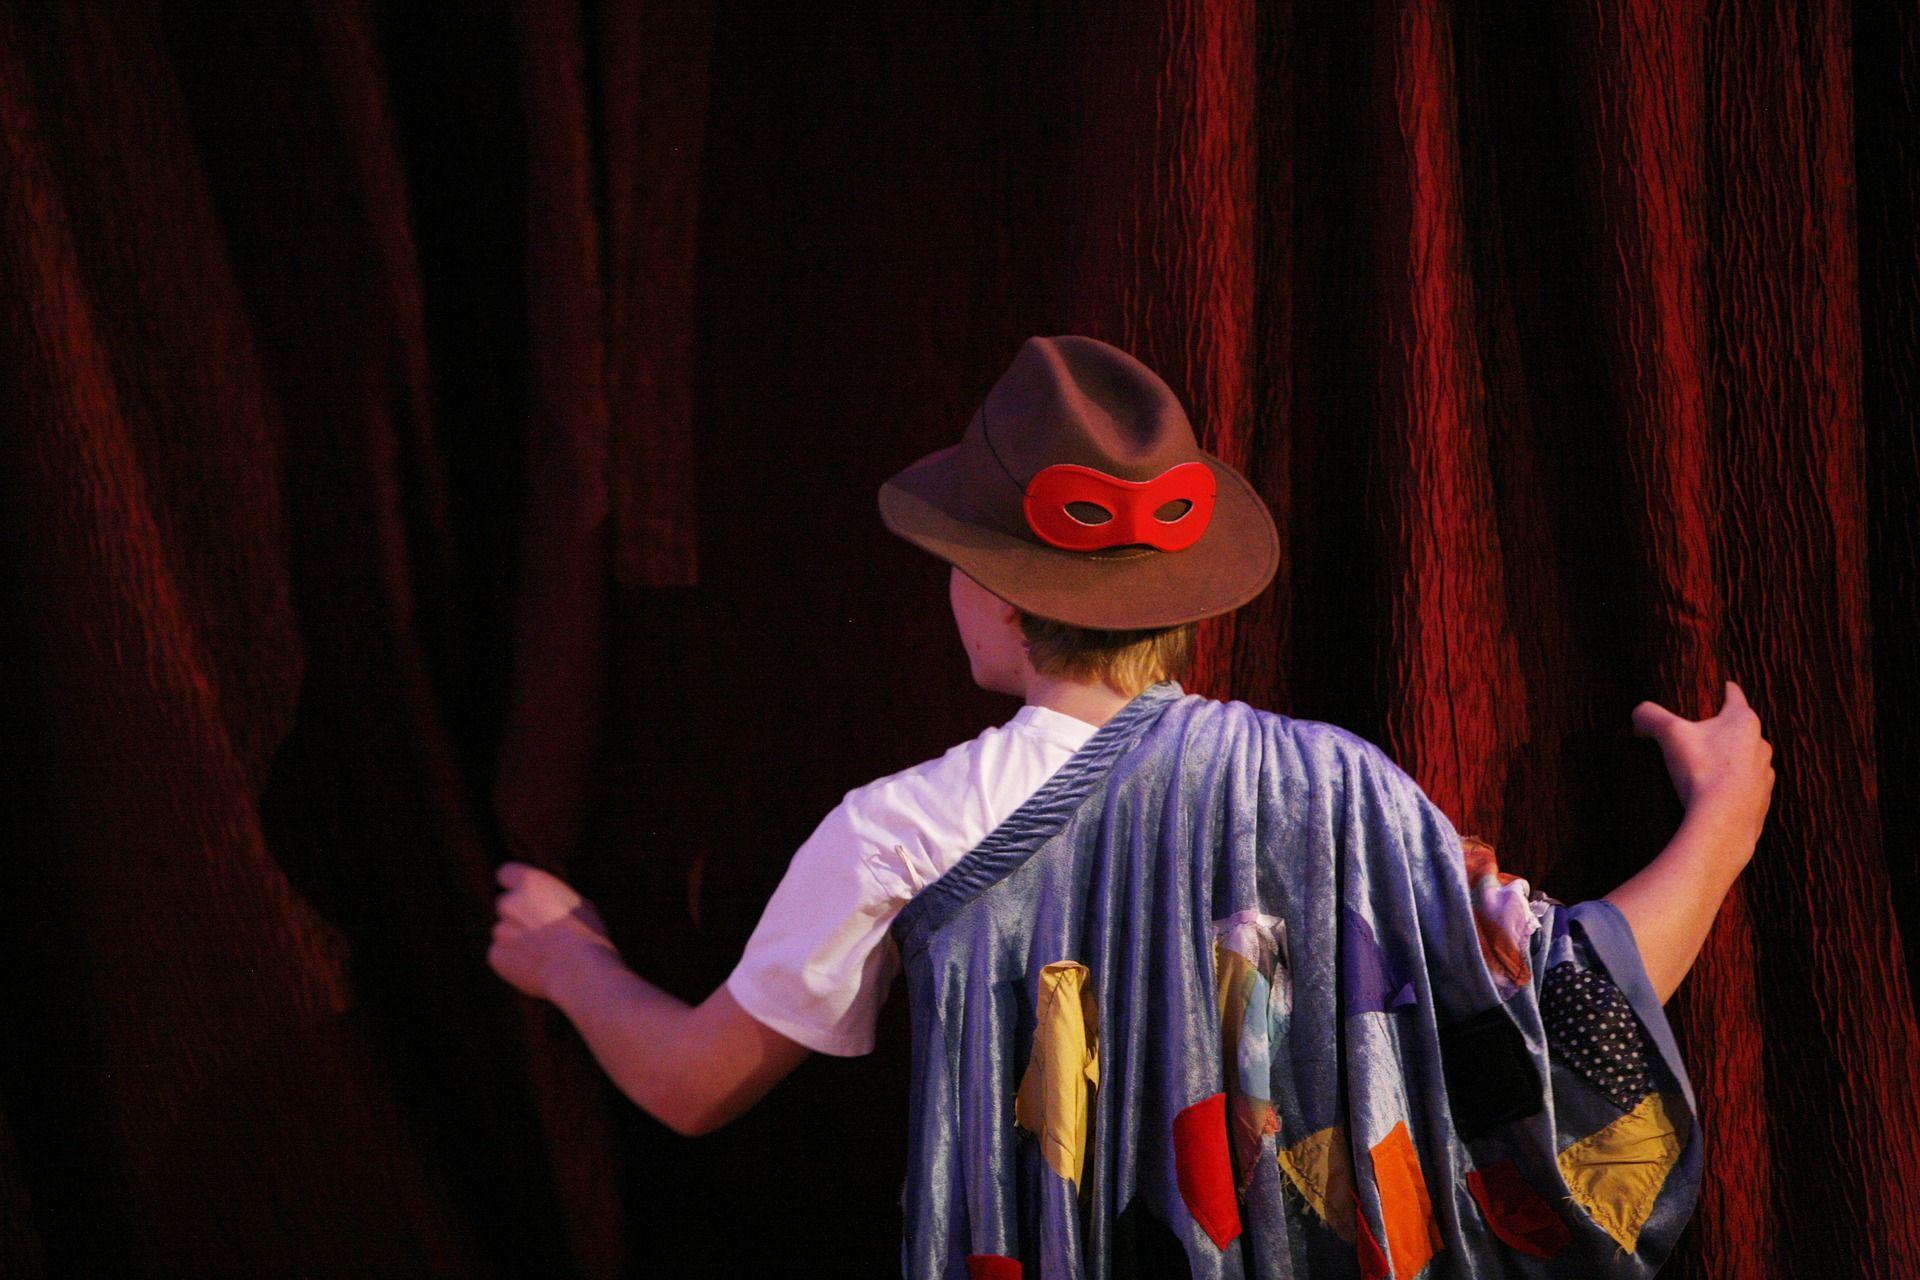 Ein verkleideter Junge steht vor einem roten Vorhang.